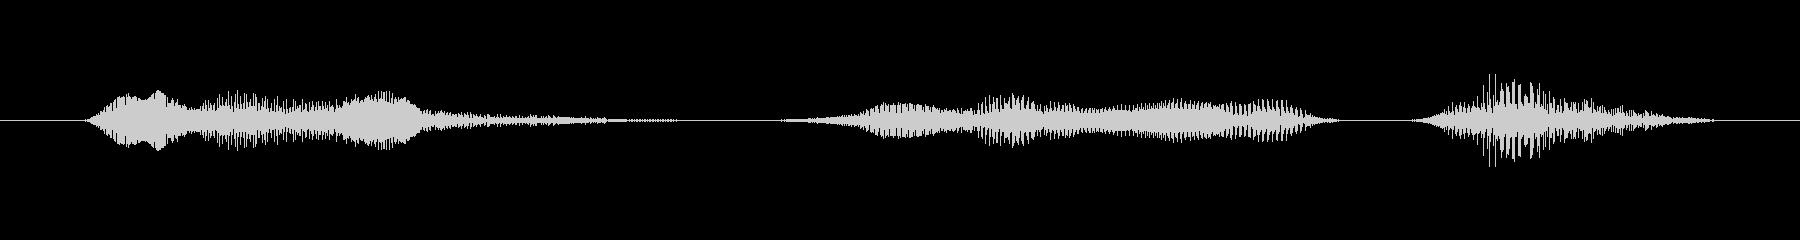 鳴き声 男性の悲鳴の深い痛み10の未再生の波形